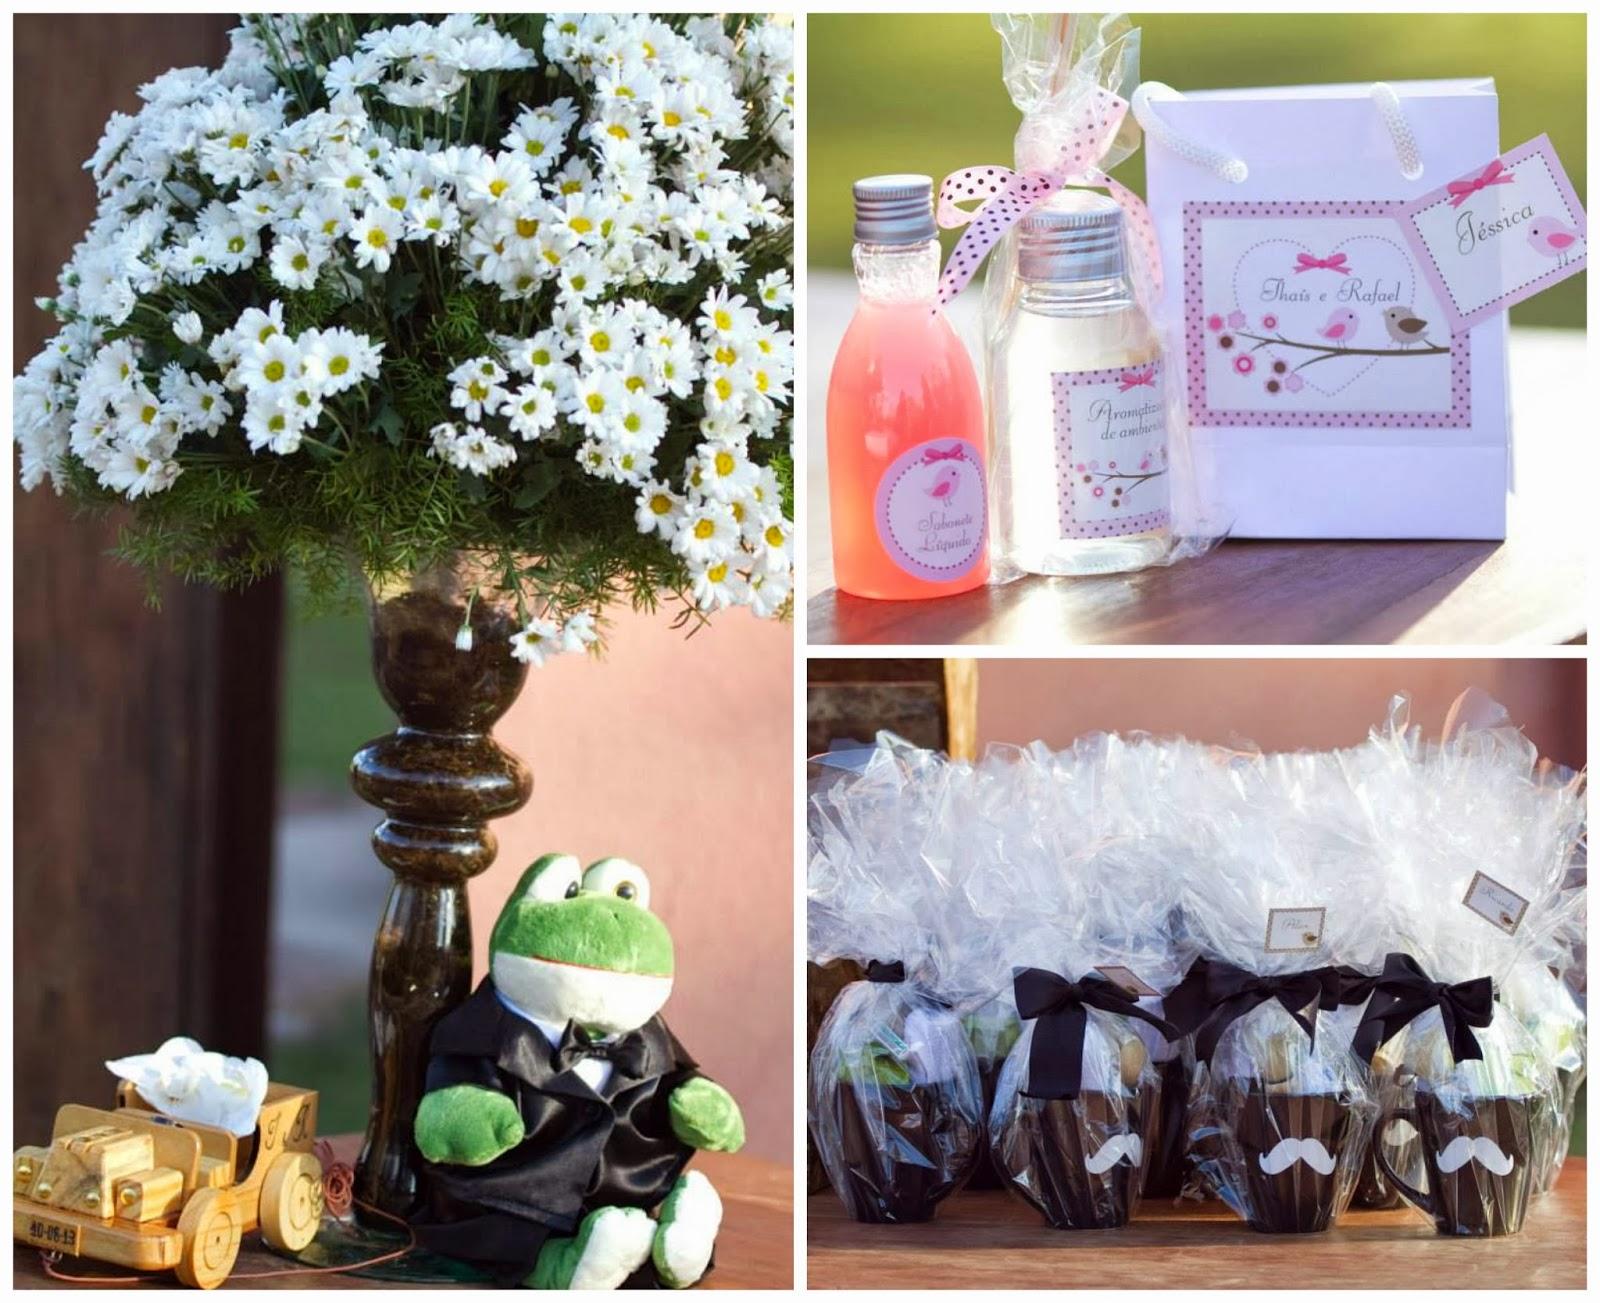 cerimônia - casamento ao ar livre - decoração - casamento de dia - lembrancinhas - presente padrinhos - madrinhas - padrinhos - sapo - bouquet solteiras